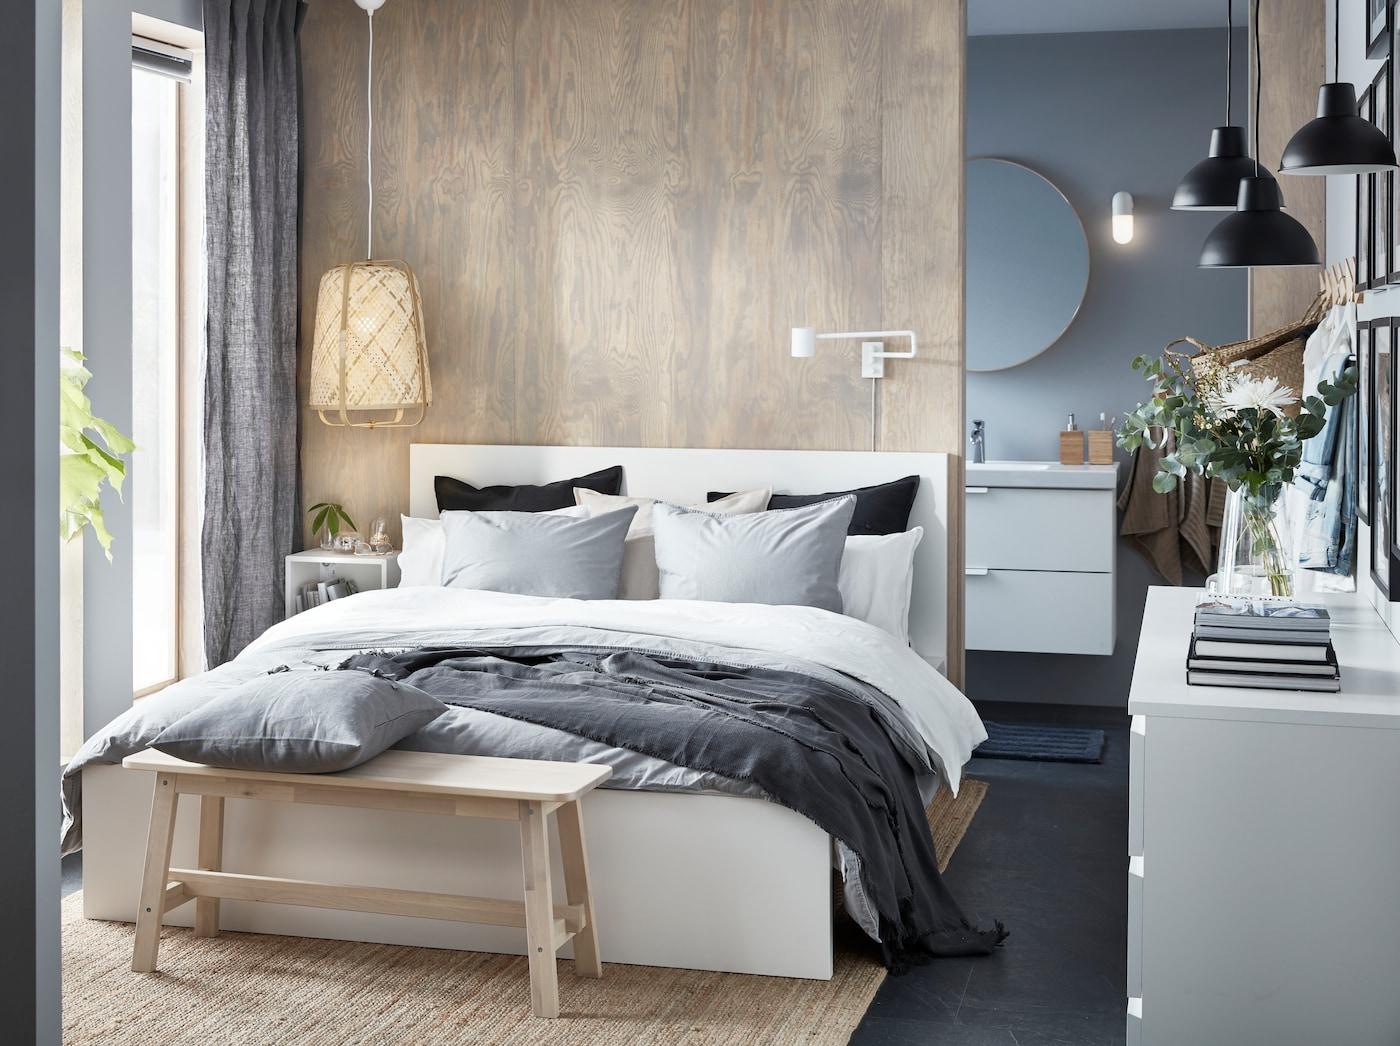 Cama MALM con ropa de cama blanca, gris claro y azul oscuro con un respaldo de madera y un banquito del mismo material.